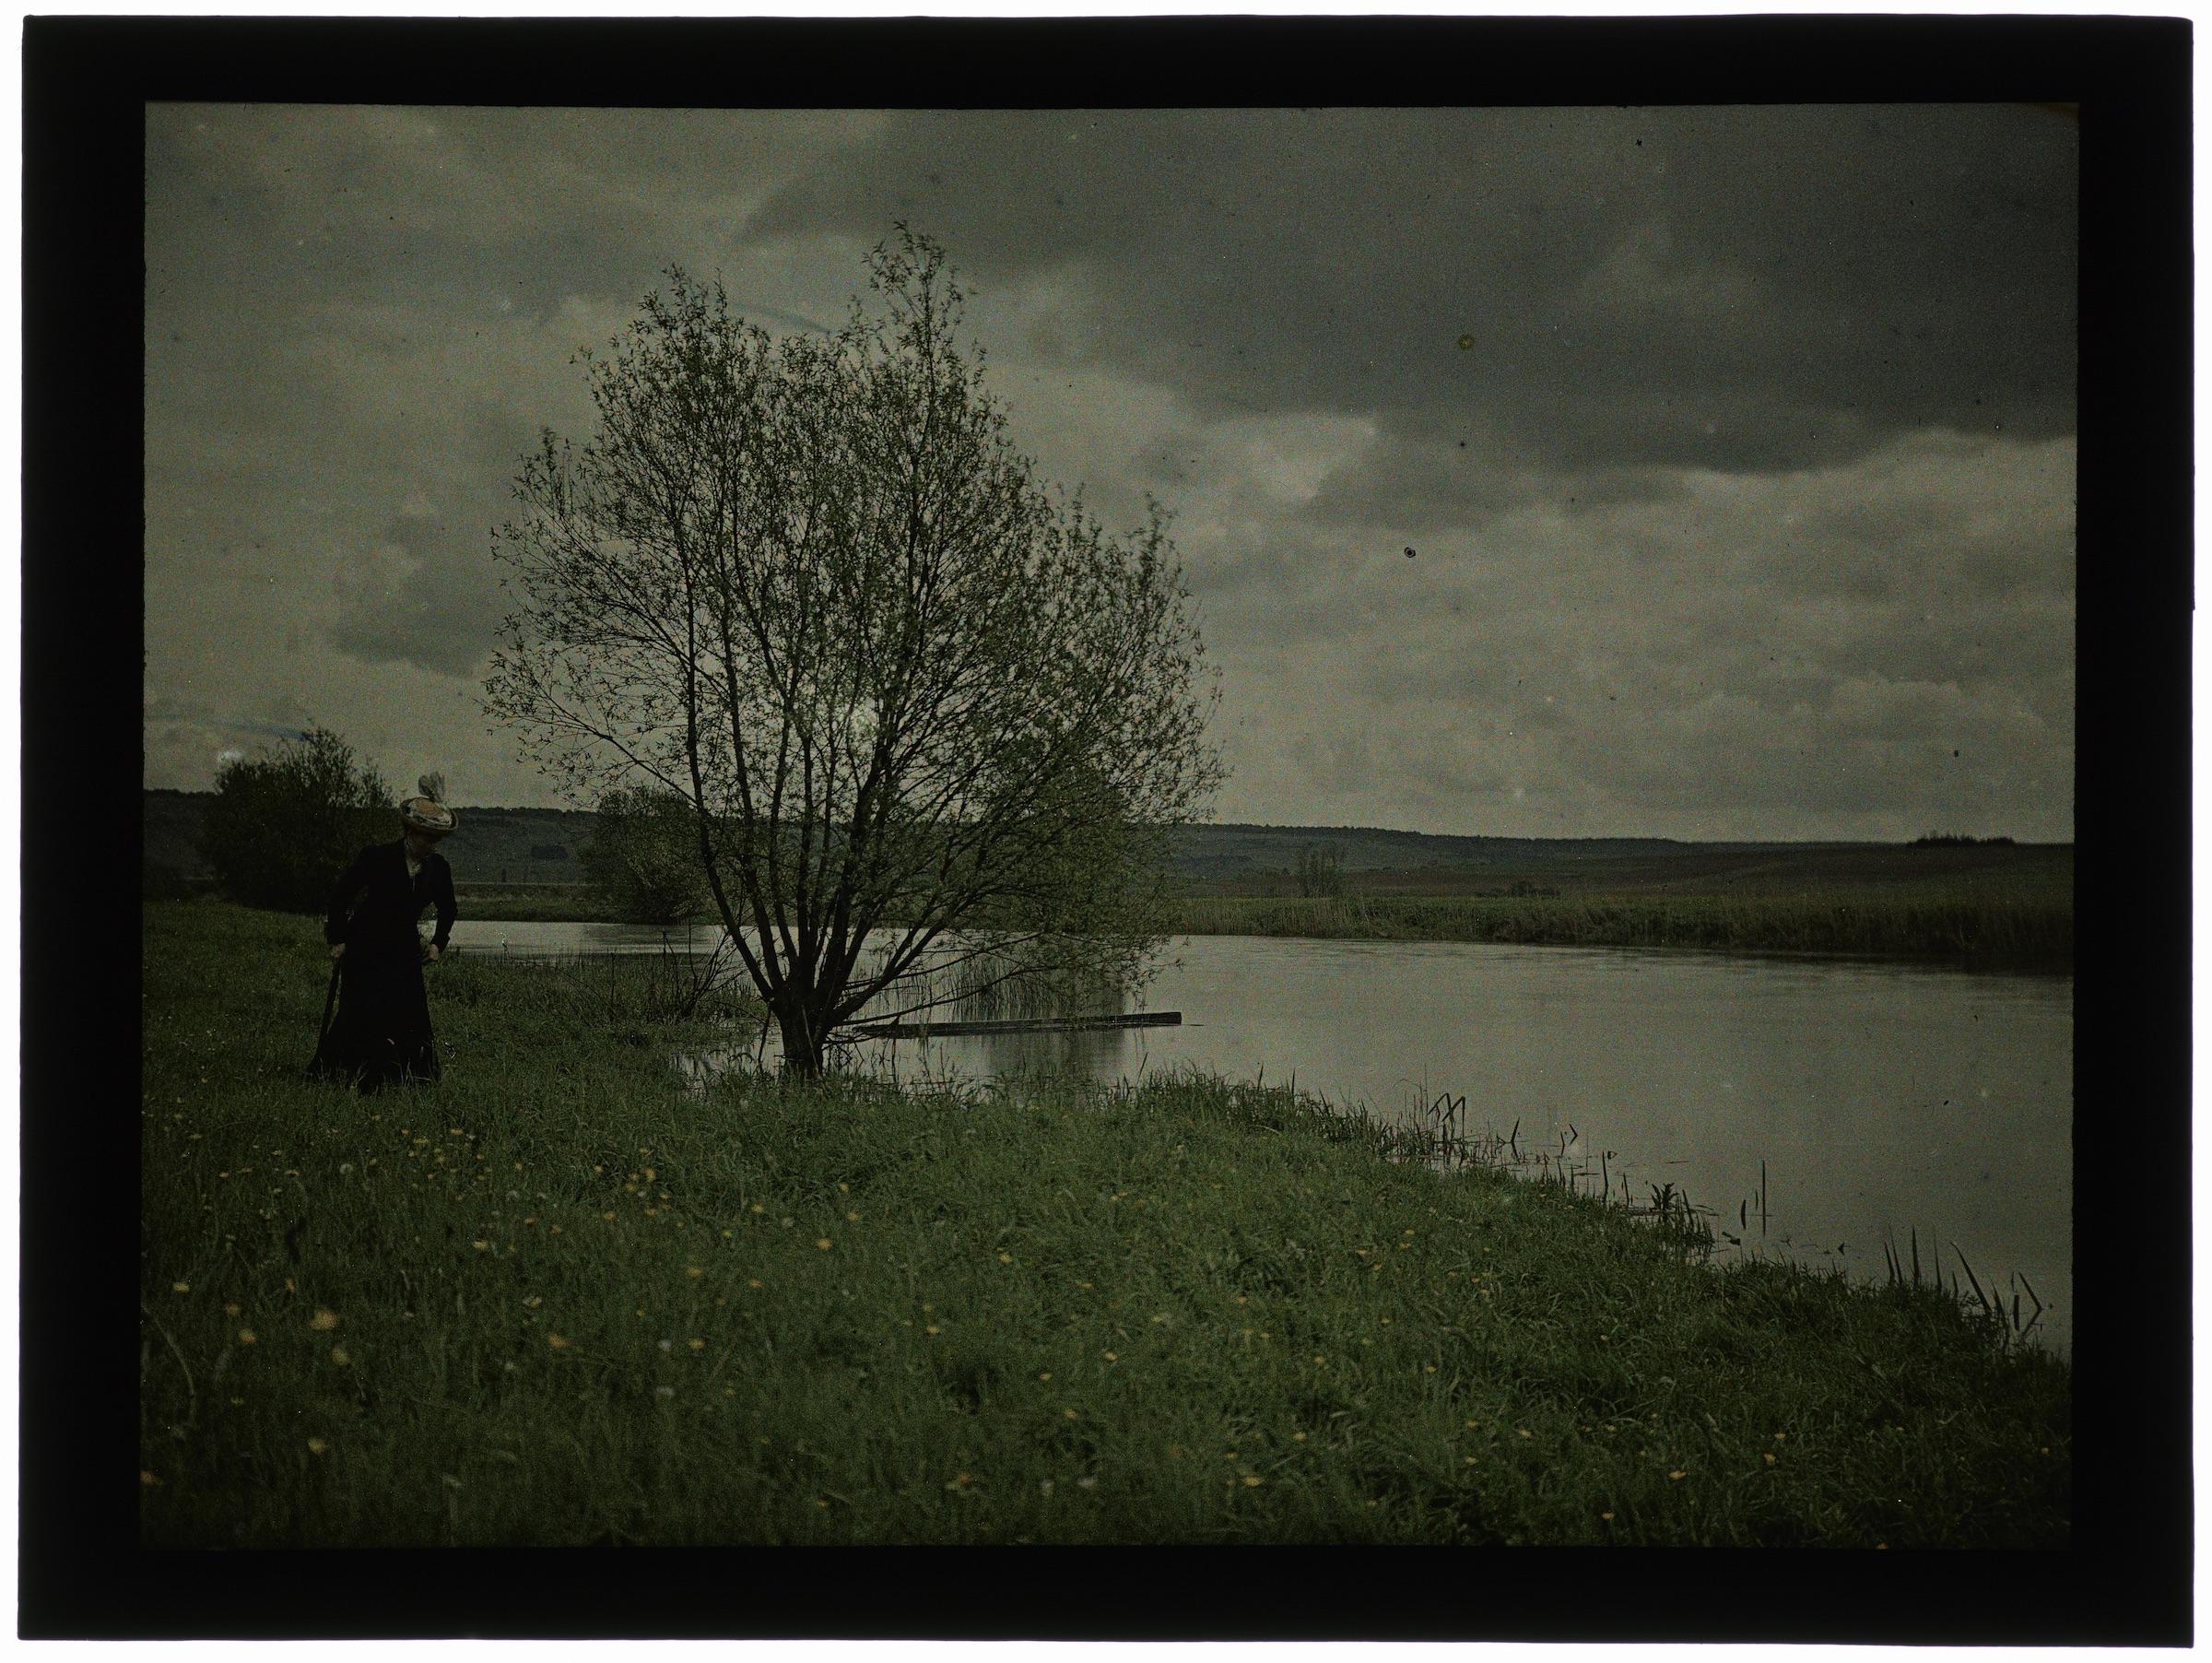 Femme au bord de la rivière